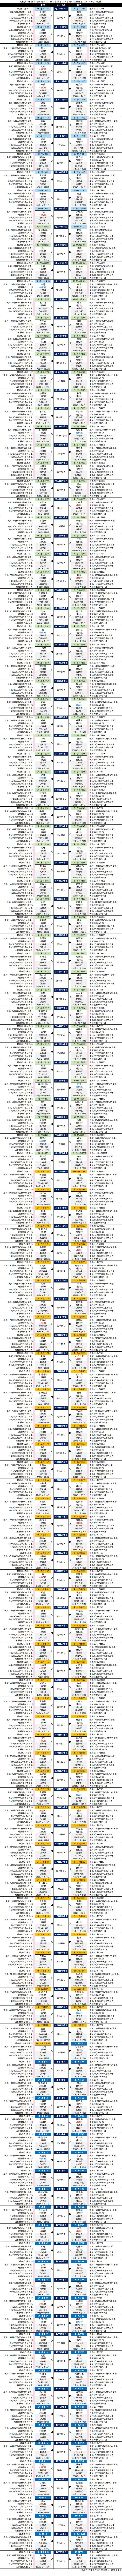 大相撲・2019年11月場所7日目・幕下以下の取組結果